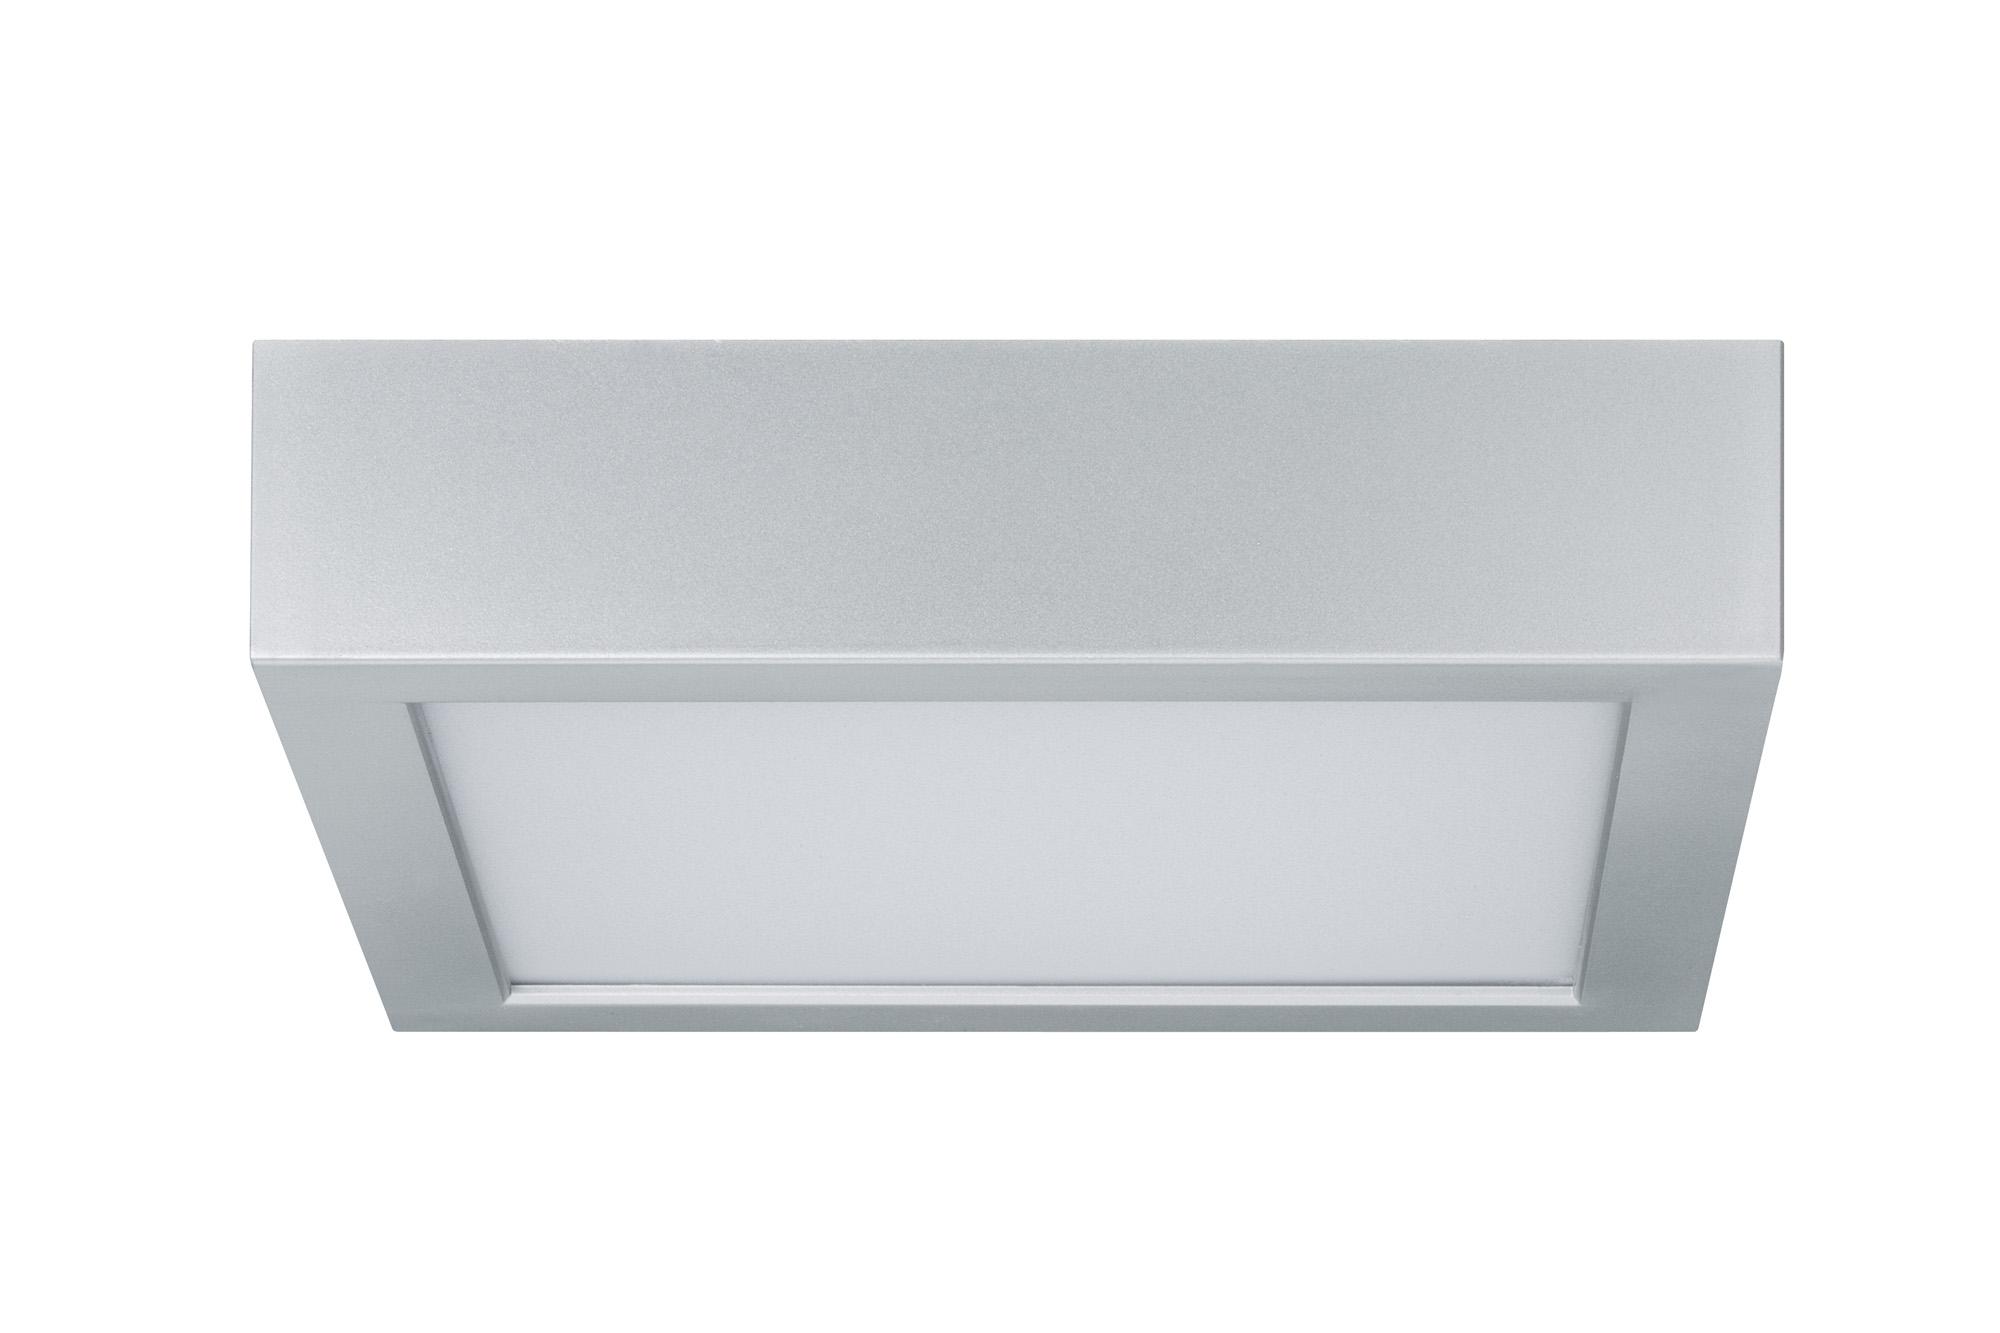 Lichtideen l35236 led panel deckenleuchte space klein for Led deckenleuchte klein